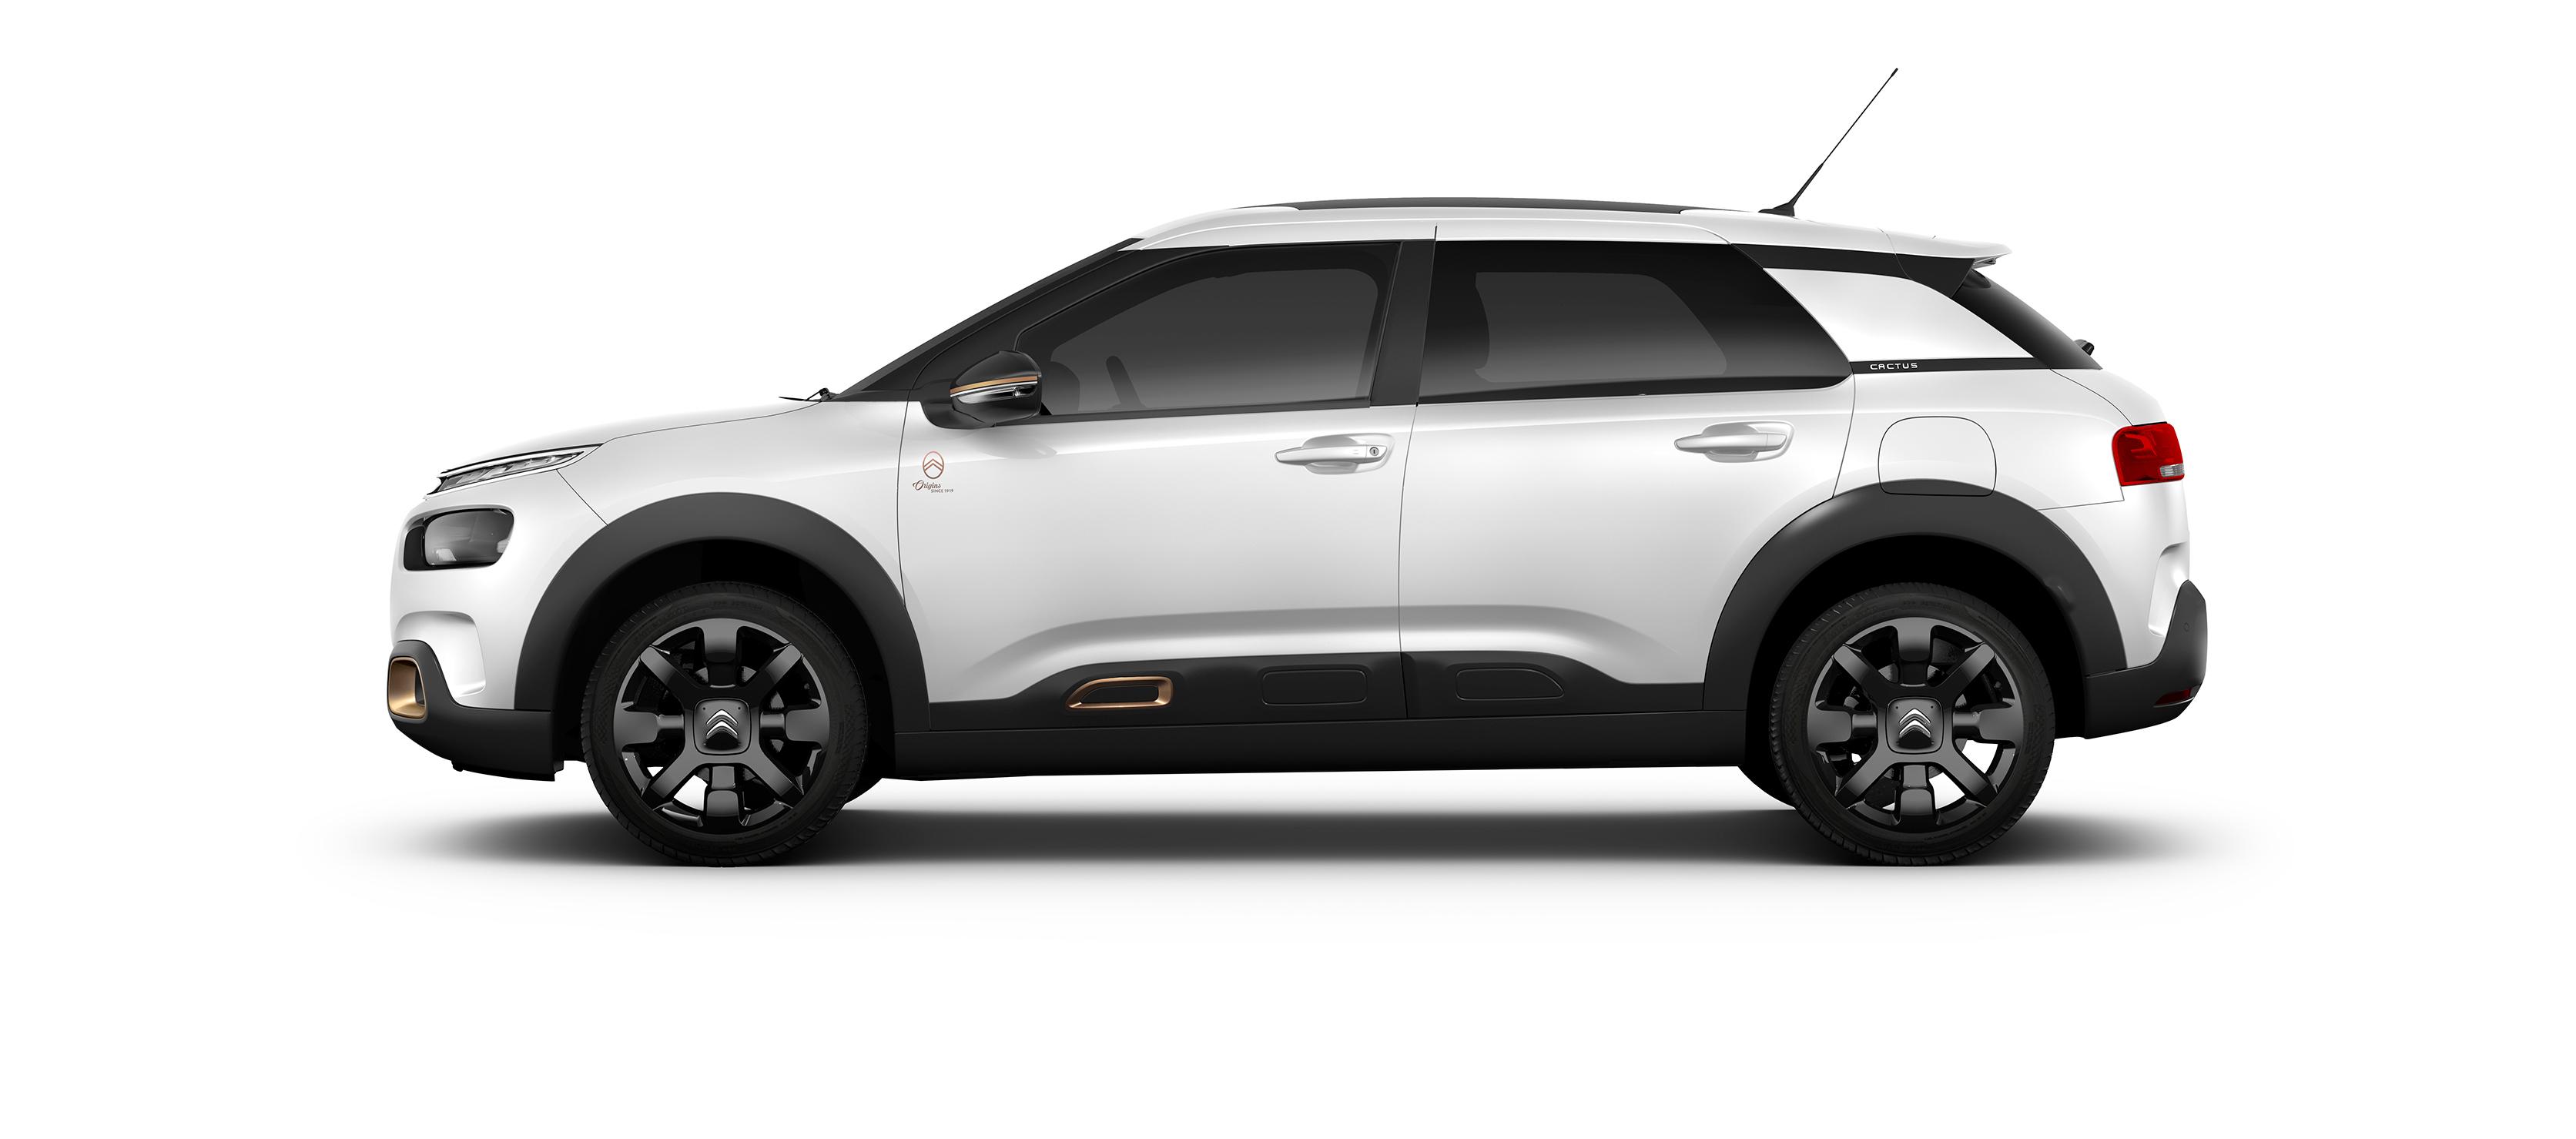 Citroën celebra 100 años presentando el C4 Cactus origins